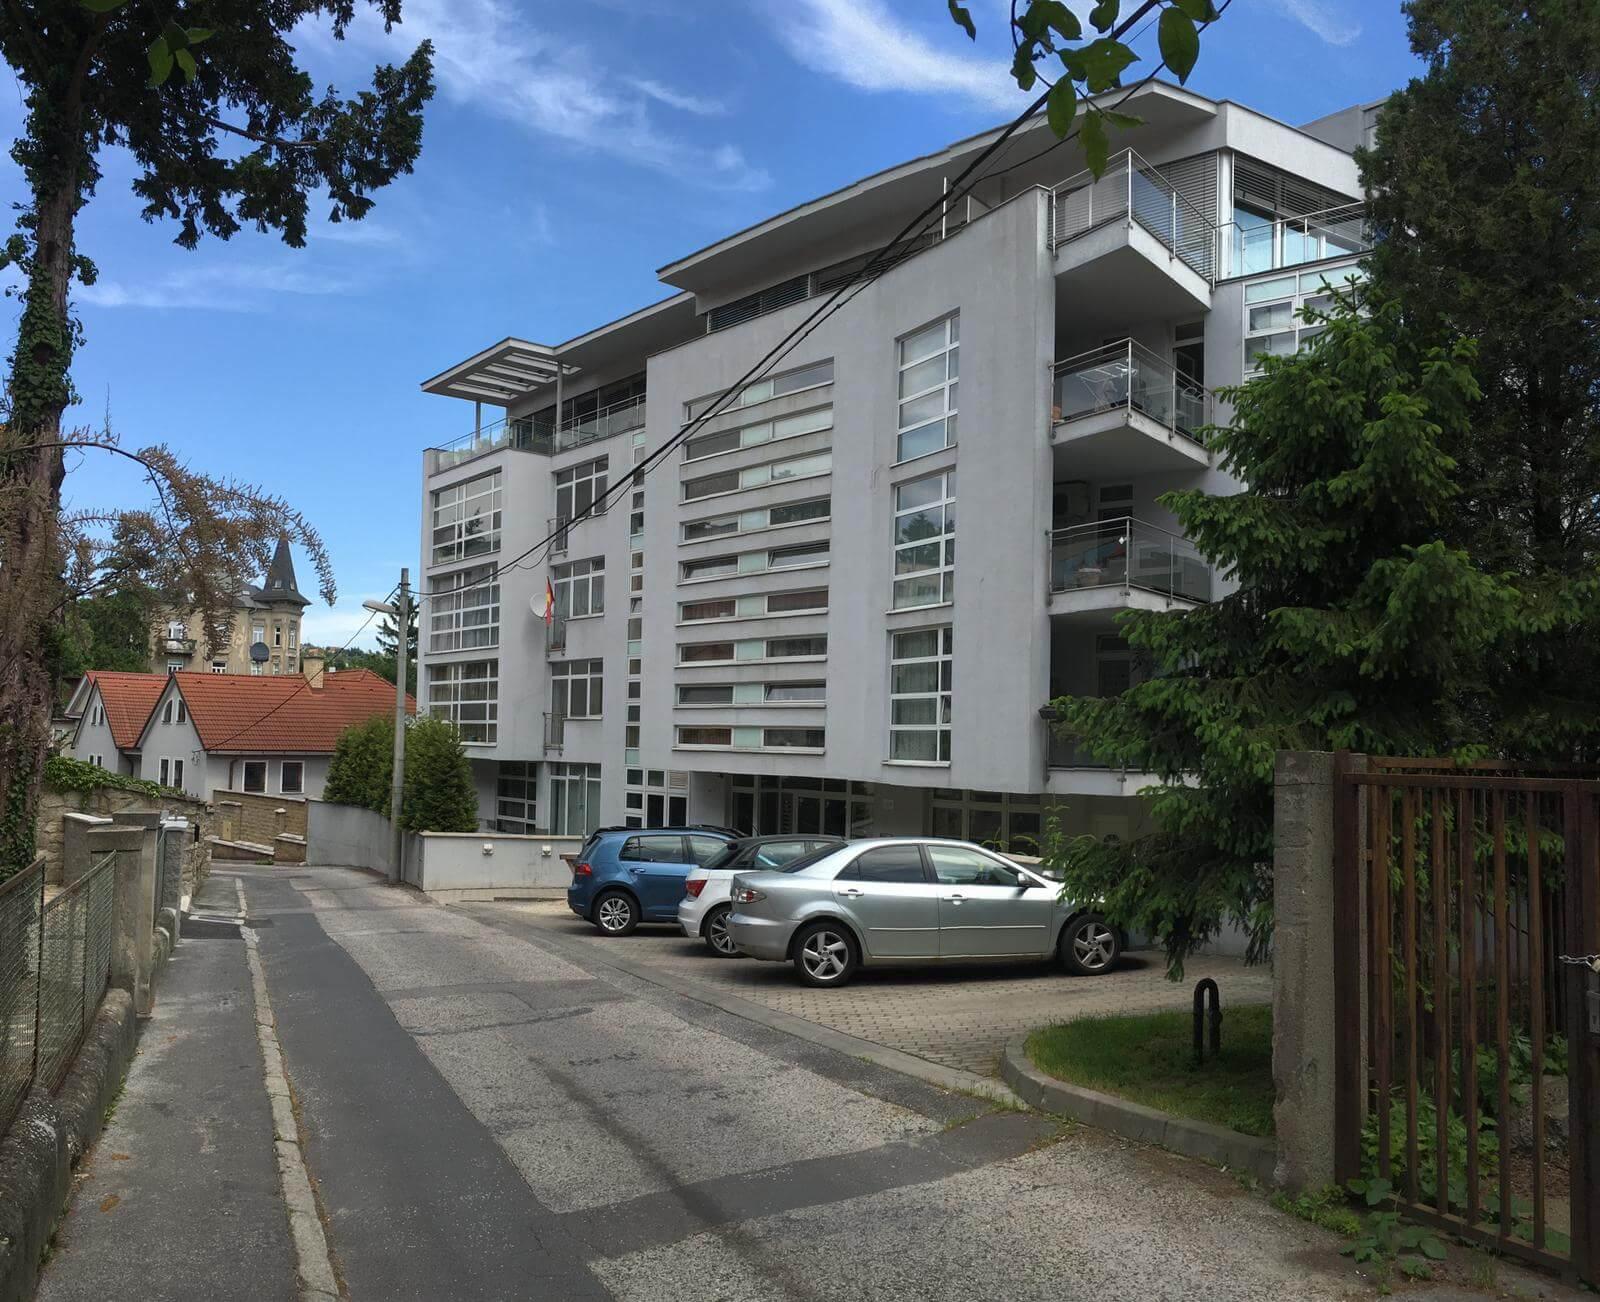 Prenajate: Prenájom 4 izbového luxusného bytu, Pri Slavíne, novostavba, 2x parkovanie, Boženy Nemcovej, Centrum-52